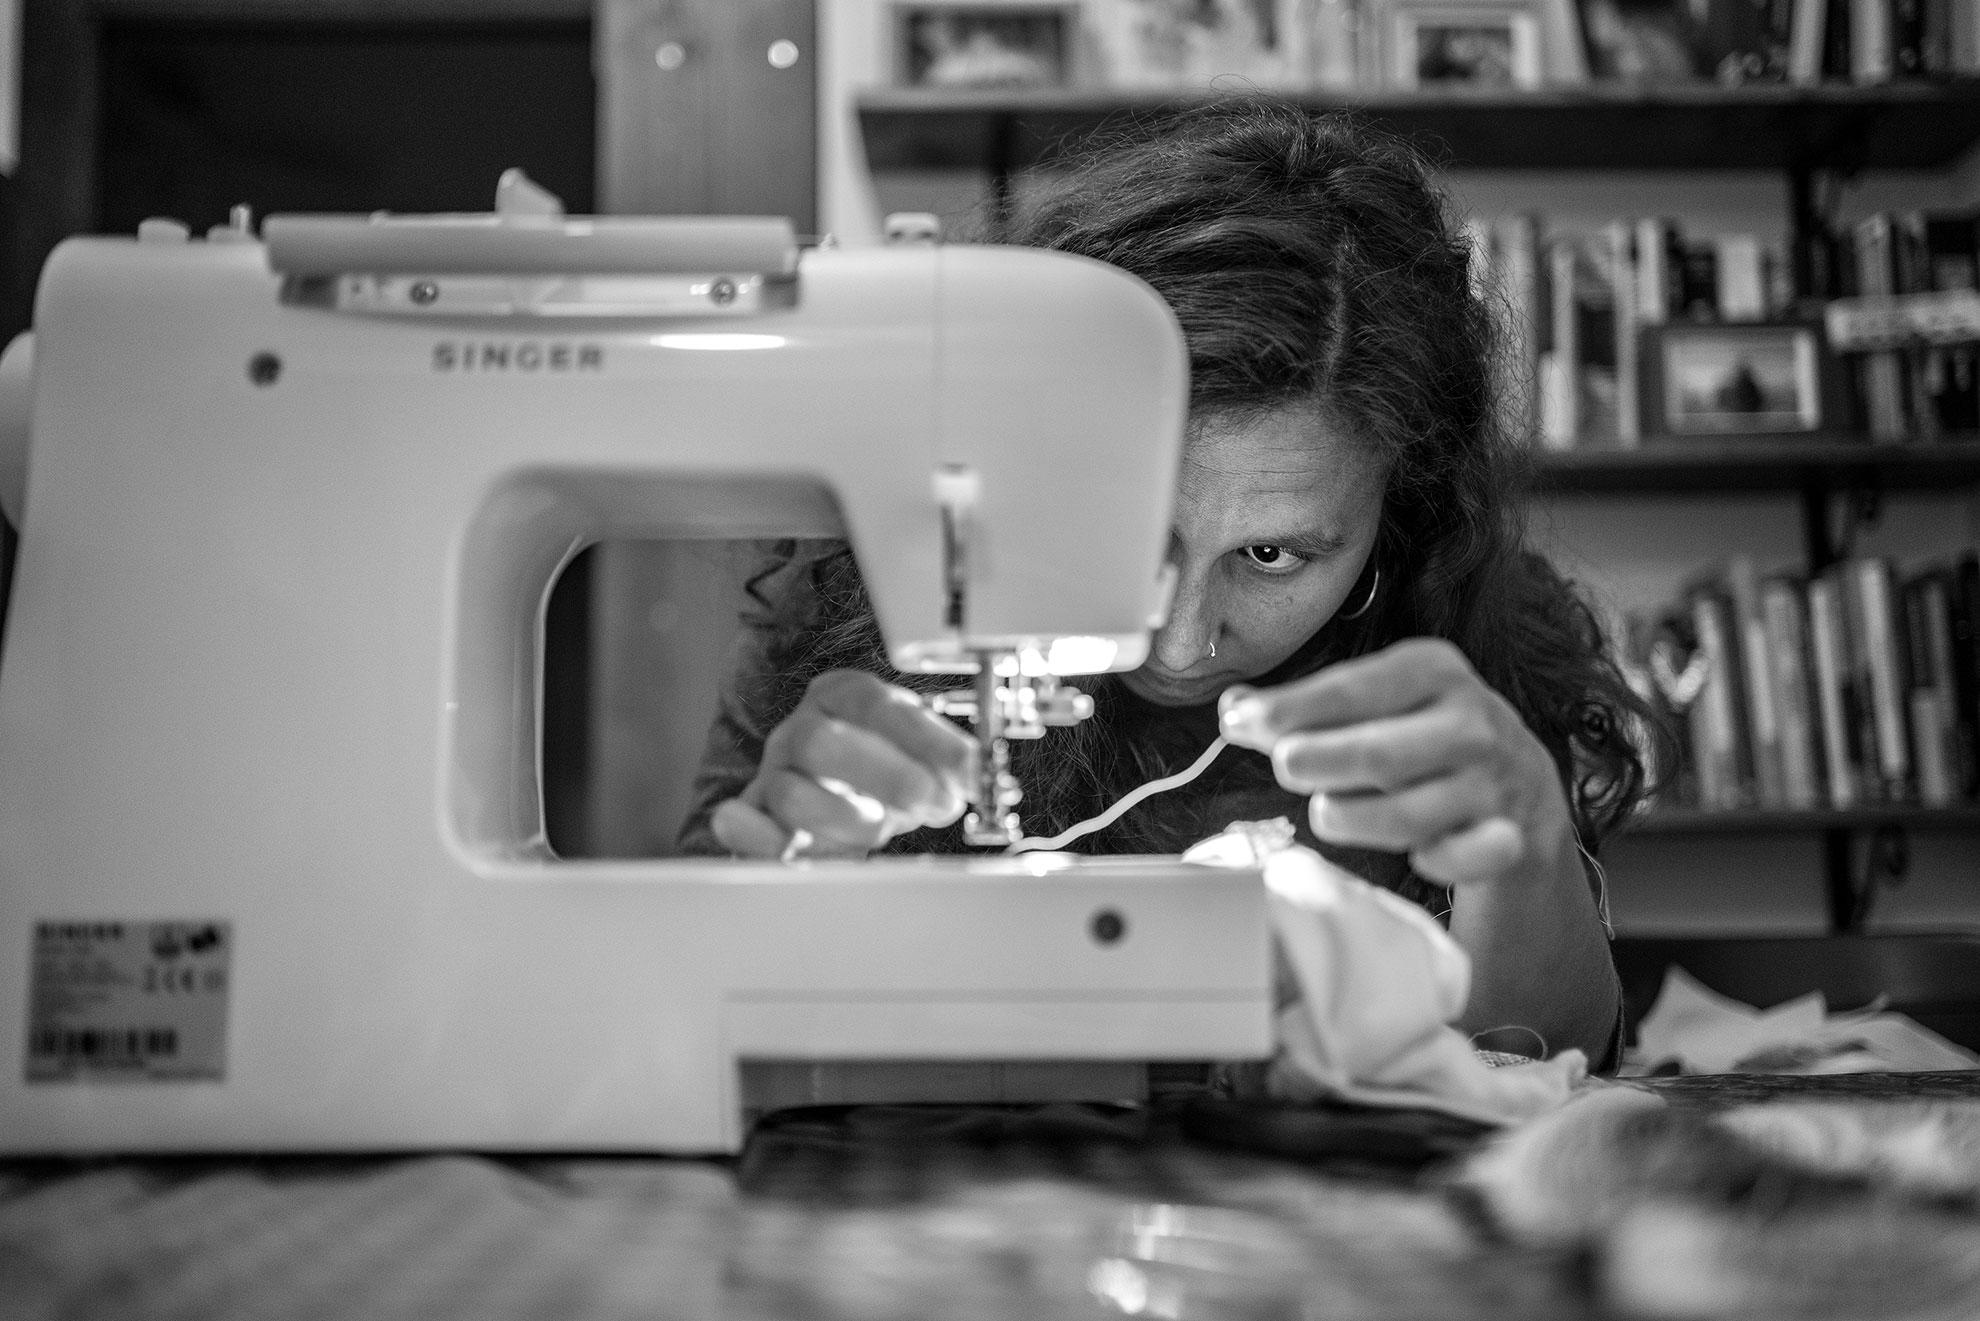 Por primera vez -sin ayuda de nadie- usé la máquina de coser, hasta ahora relegada en un armario. Quería personalizar uno de los bodis de Iria con una tela preciosa que Olmo me trajo de Níger hace unos meses. La verdad es que fue todo un reto, lo mío sigue siendo coser a mano. Fue un cóctel de frustración, mil intentos de ensayo-prueba-error, pero también de ilusión y amor que genera hacer algo con tus propias manos para alguien a quien quieres. He de decir que al final me quedé satisfecha con el resultado. No quedó perfecto, pero de pronto me parecieron preciosas las puntadas imperfectas que dejan rastro del aprendizaje. Y vi reflejada en esta hazaña una buena metáfora del desafío que me espera: la crianza.